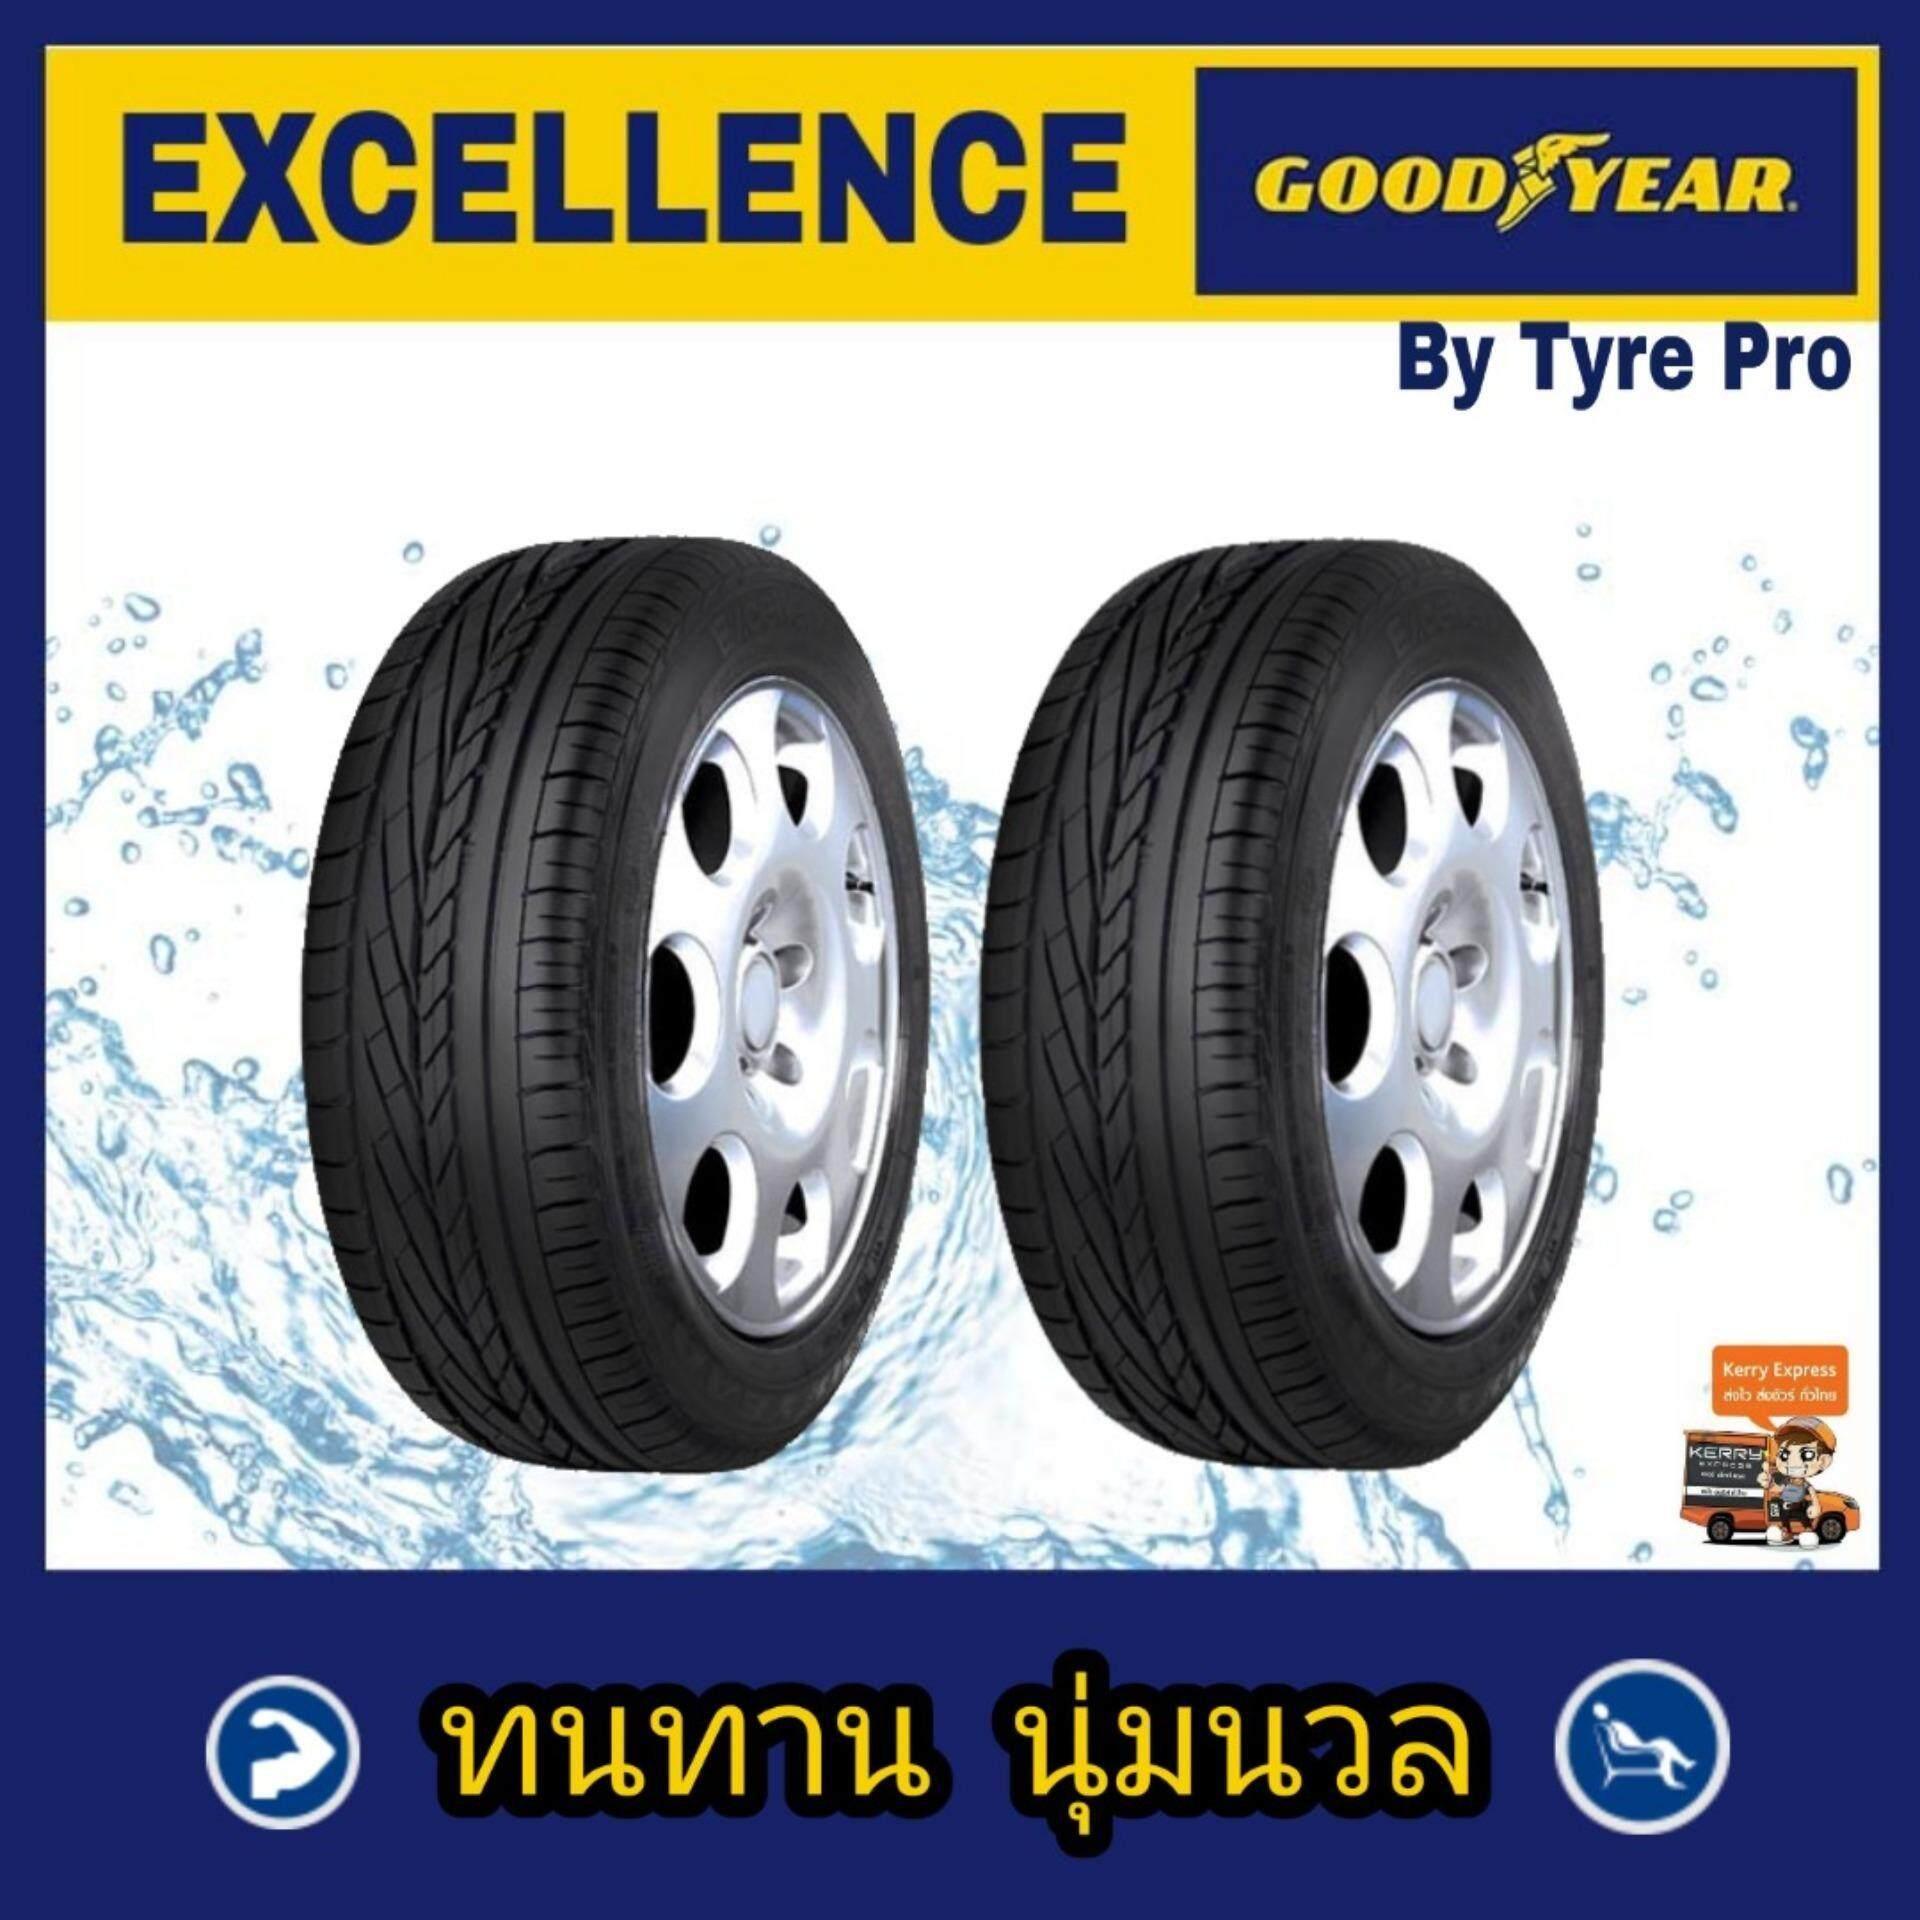 บึงกาฬ Goodyear ยางรถยนต์ 185/55R16 รุ่น Excellence  (2 เส้น)